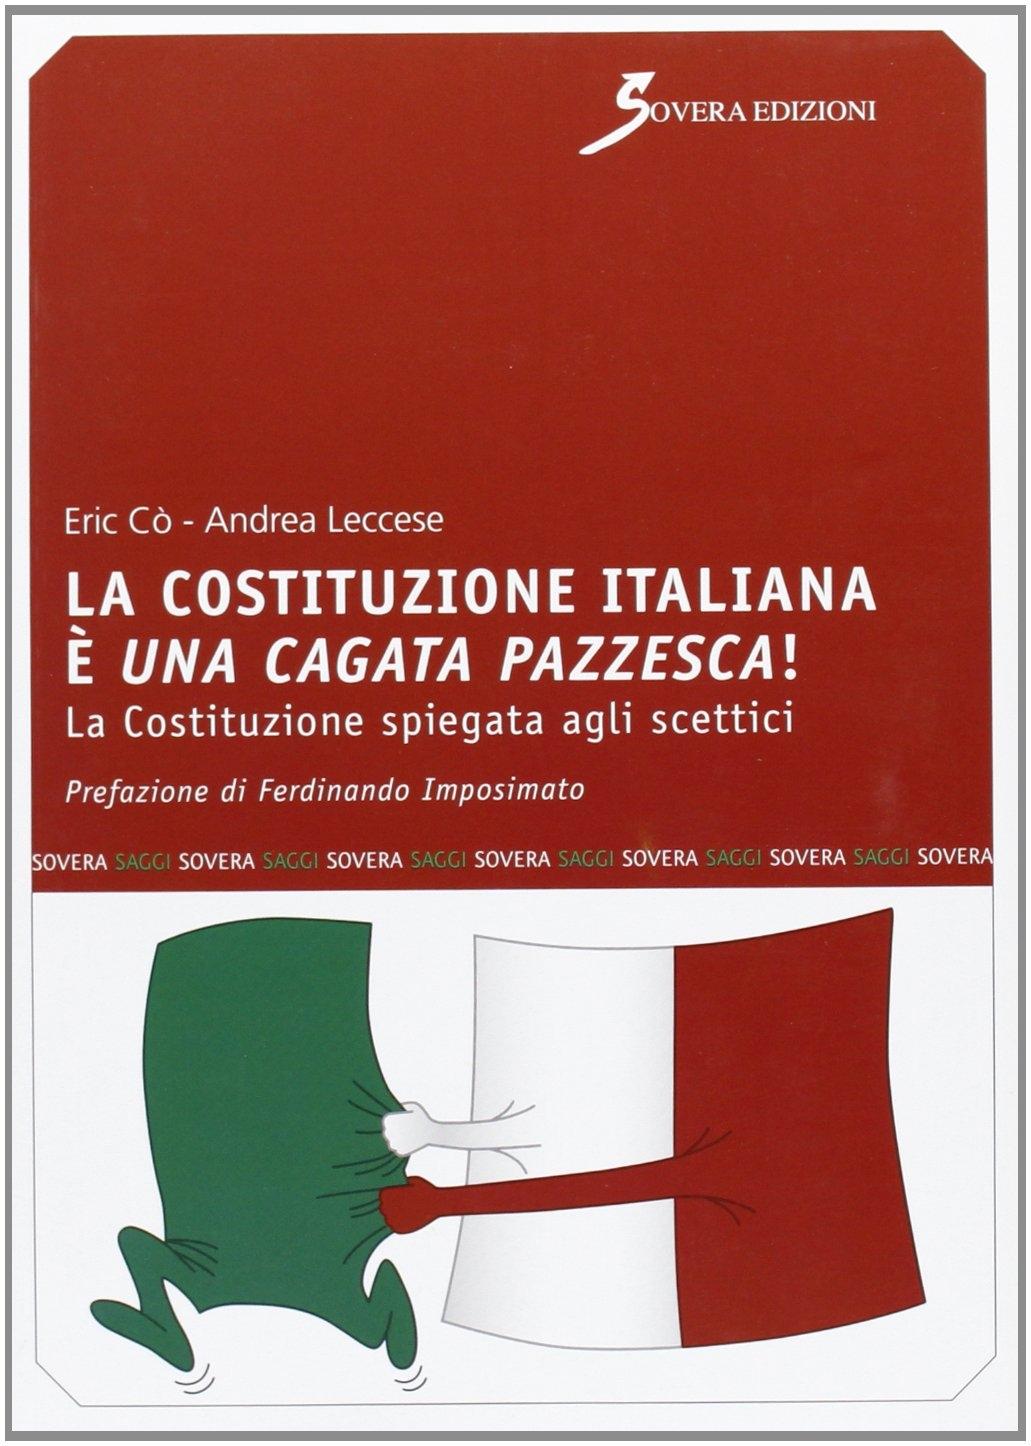 La Costituzione italiana è una cagata pazzesca. La Costituzione spiegata agli scettici